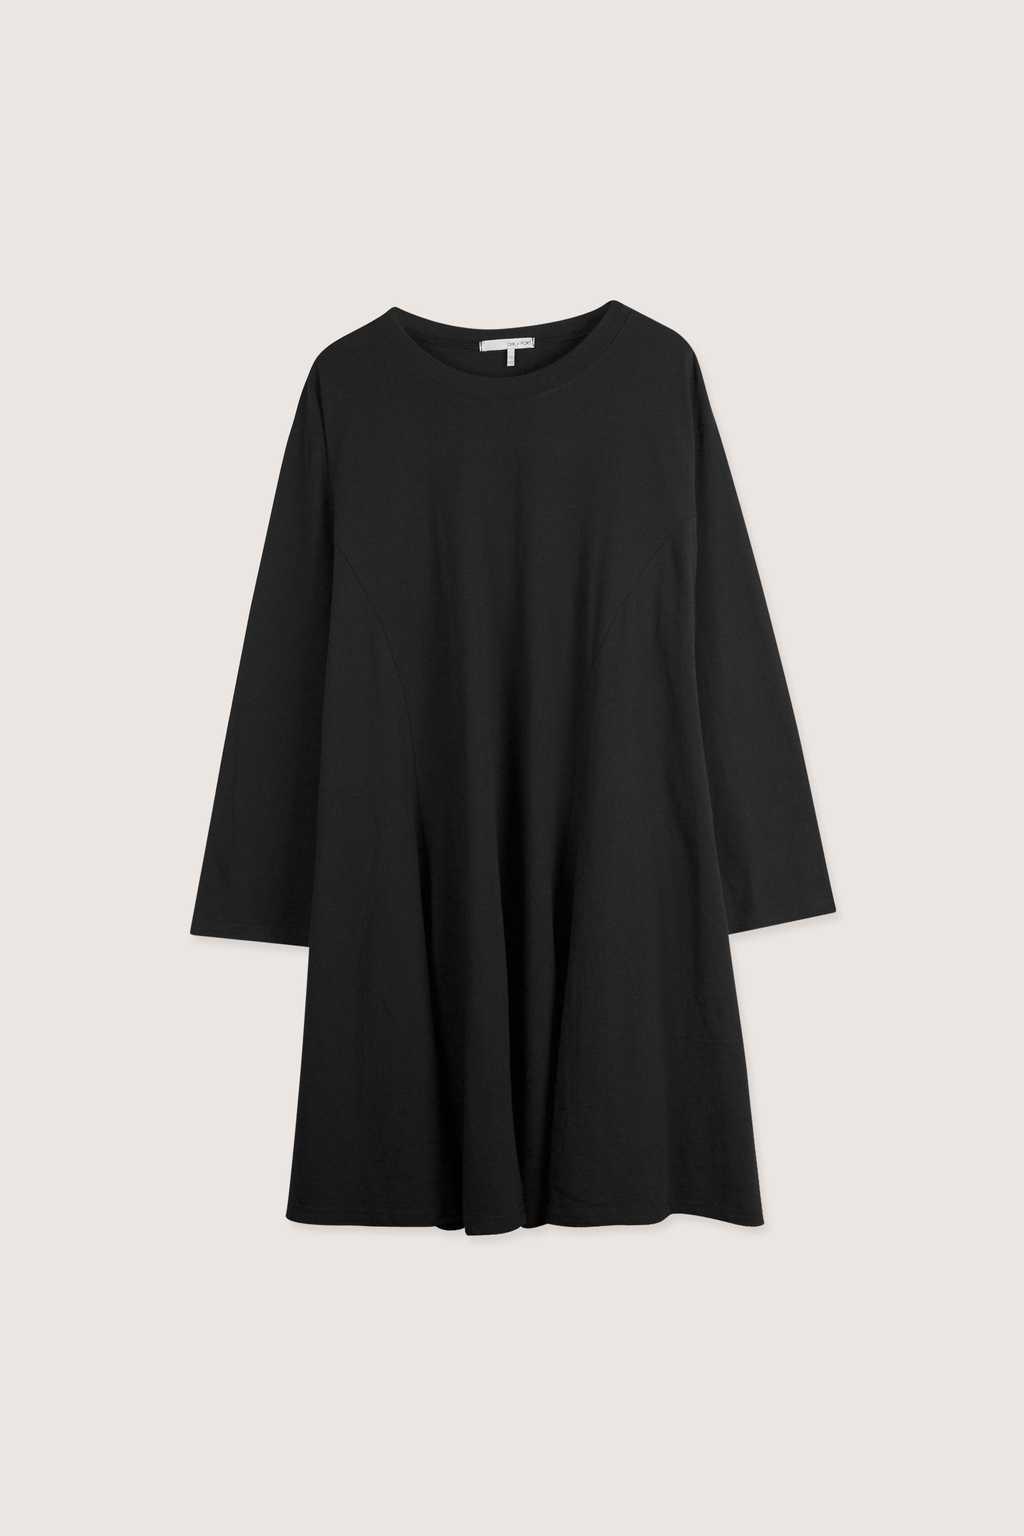 Tunic H026 Black 5